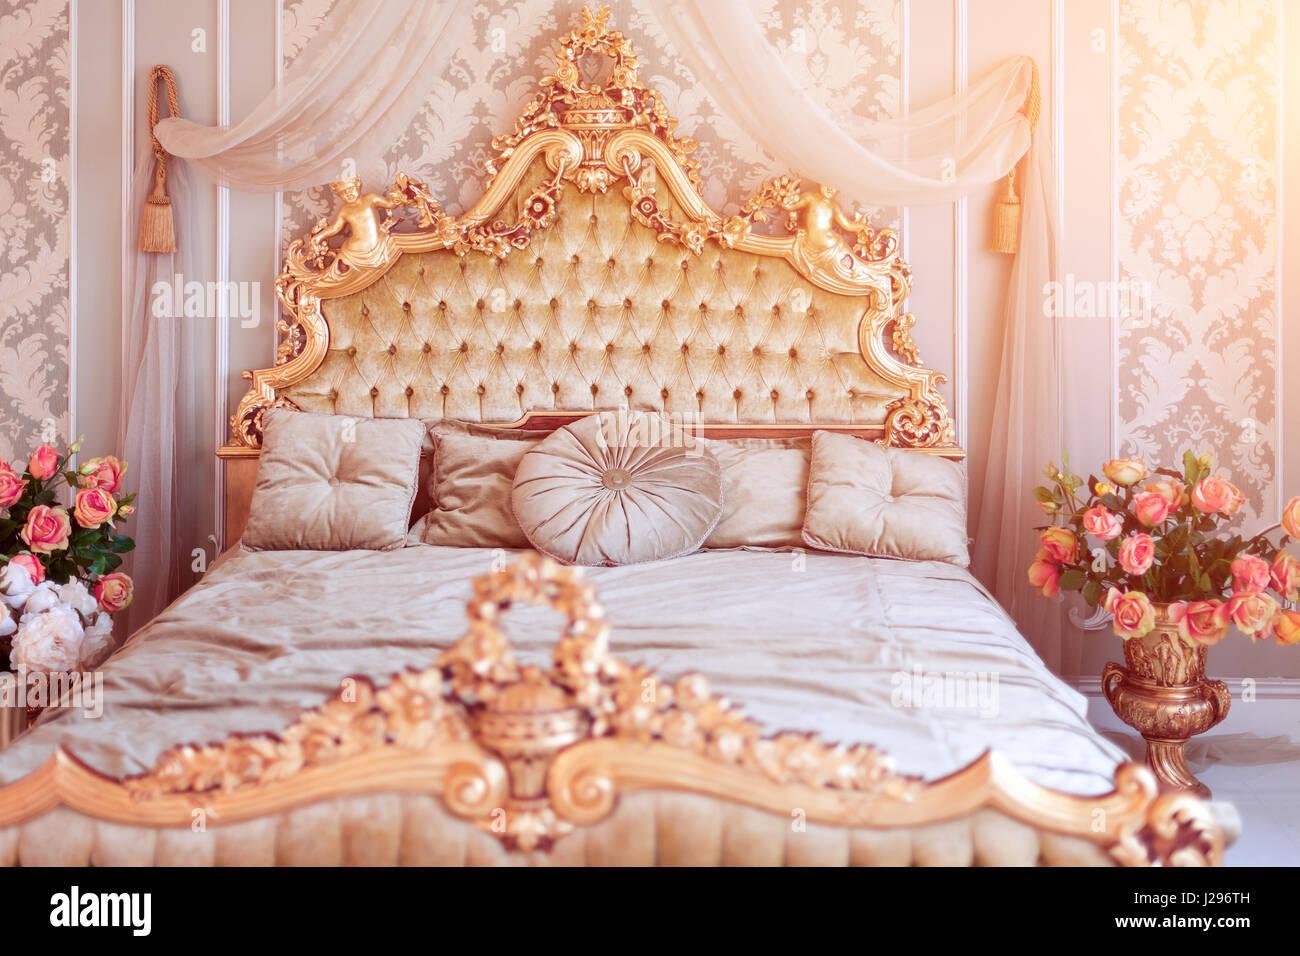 Luxus Schlafzimmer In Hellen Farben Mit Goldenen Möbel Details. Große  Komfortable Doppelzimmer Königsbett In Eleganten Klassischen Interieur.  Getönten Bild